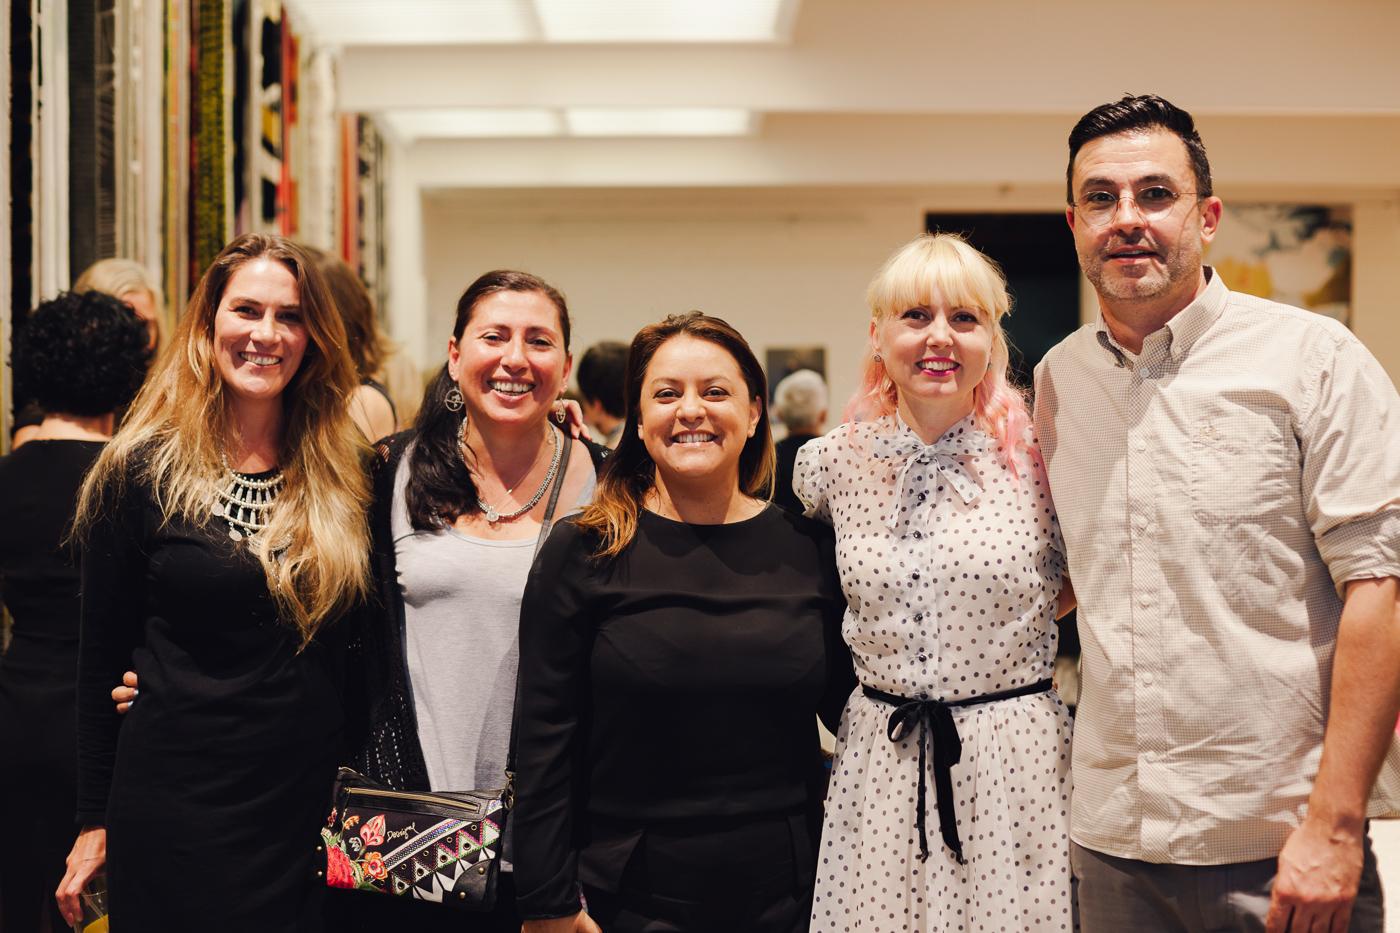 Christine McDonald, Felicia Bonacci, Petrina Turner, Monica Del Rosario, Orlando Mesiti | NEW AGAIN by Petrina Turner Design for Designer Rugs | The launch event